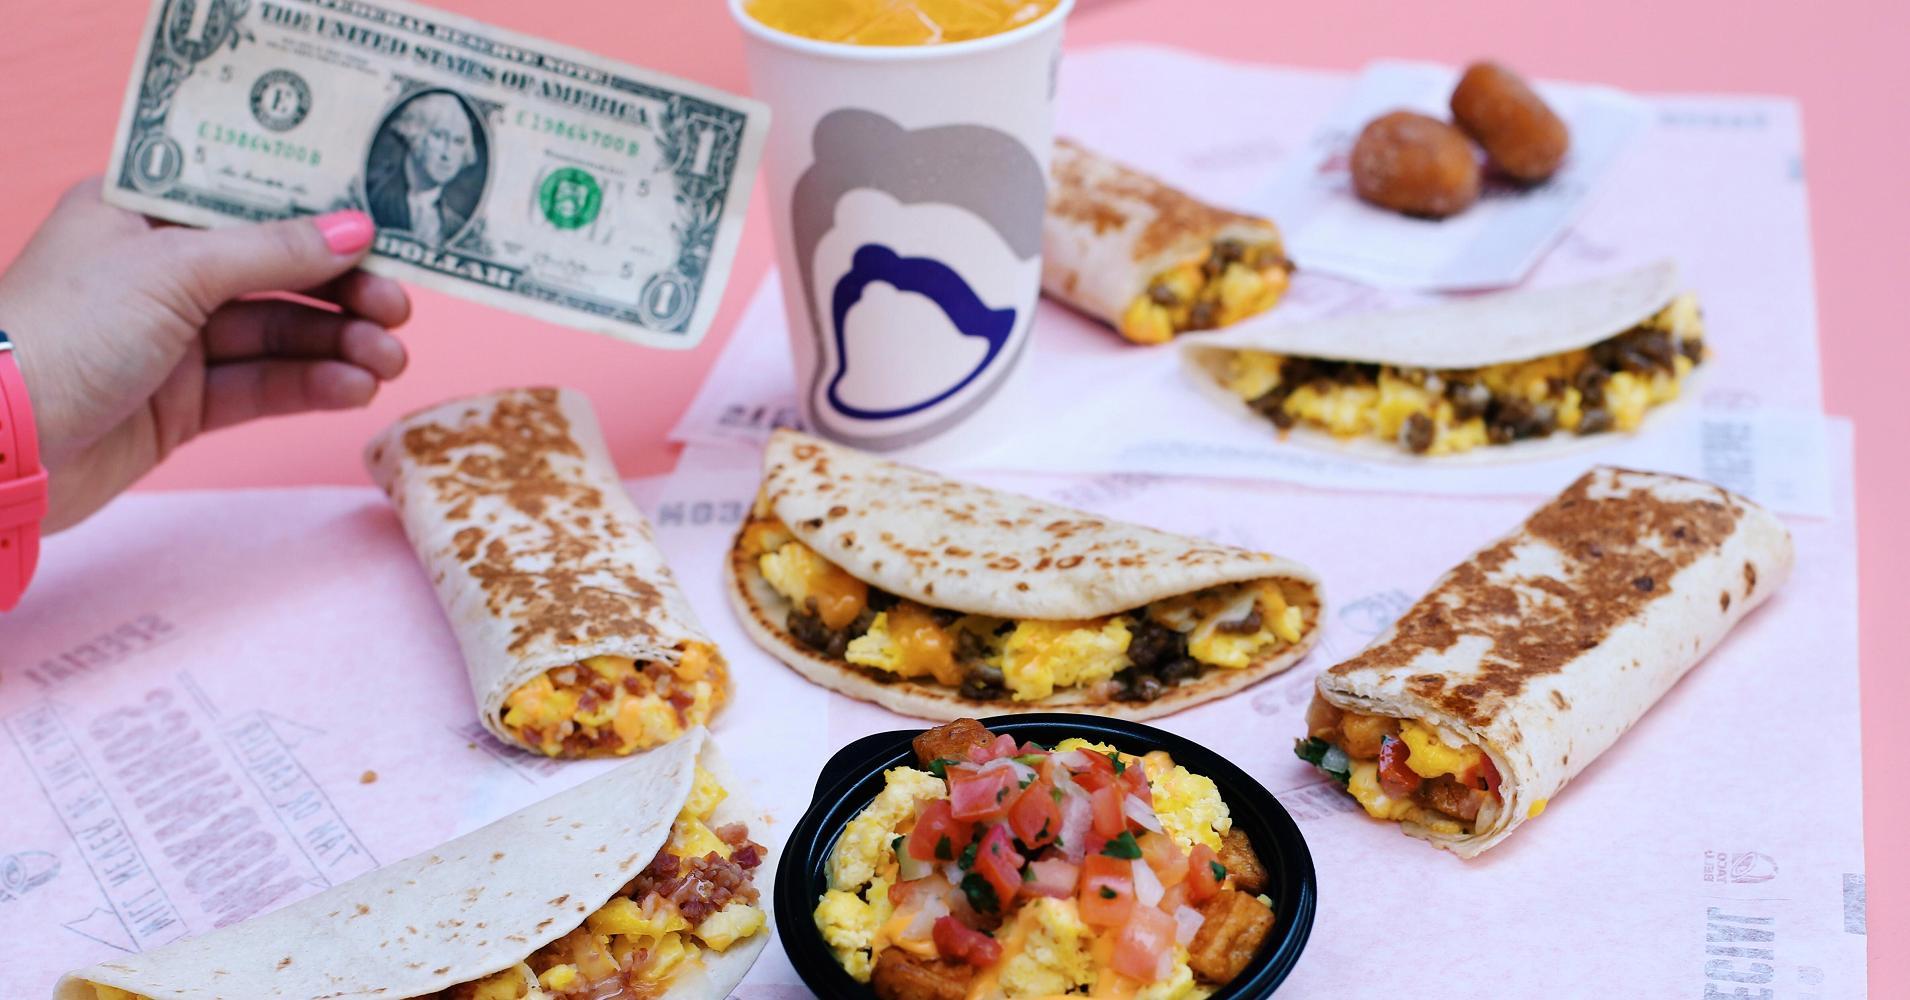 We Try Taco Bell's $1 Breakfast Menu